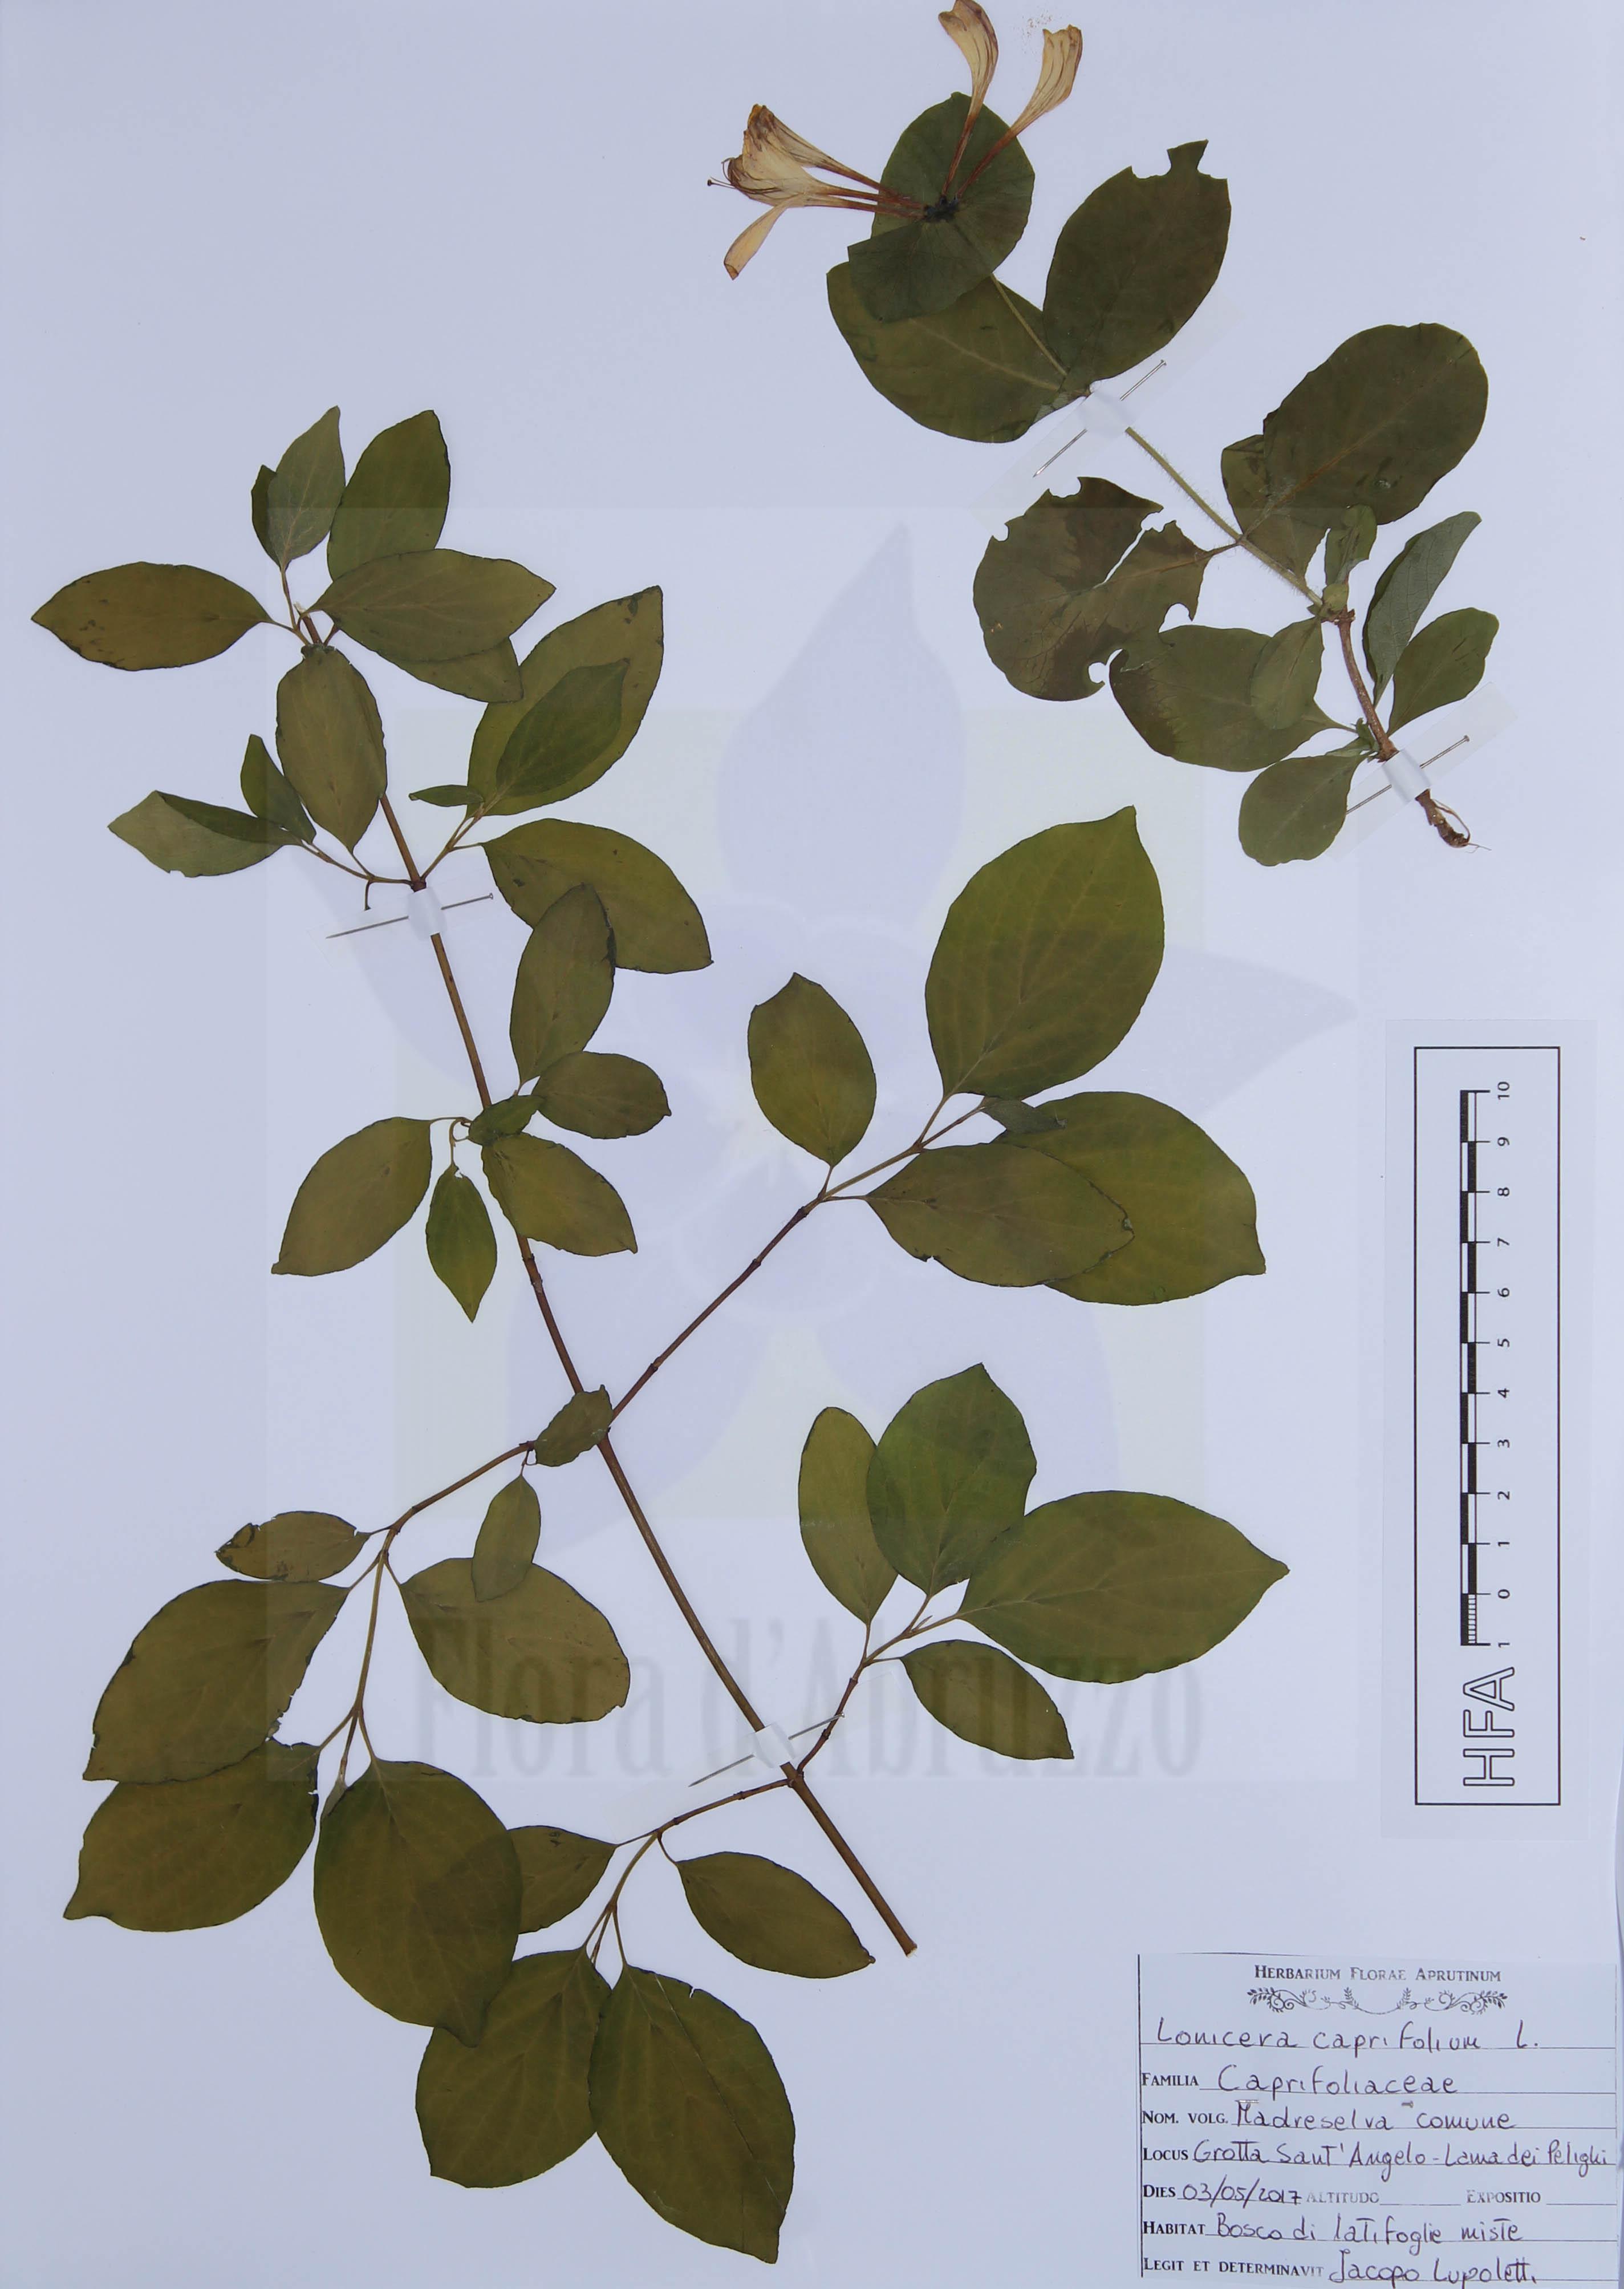 Lonicera caprifolium L.